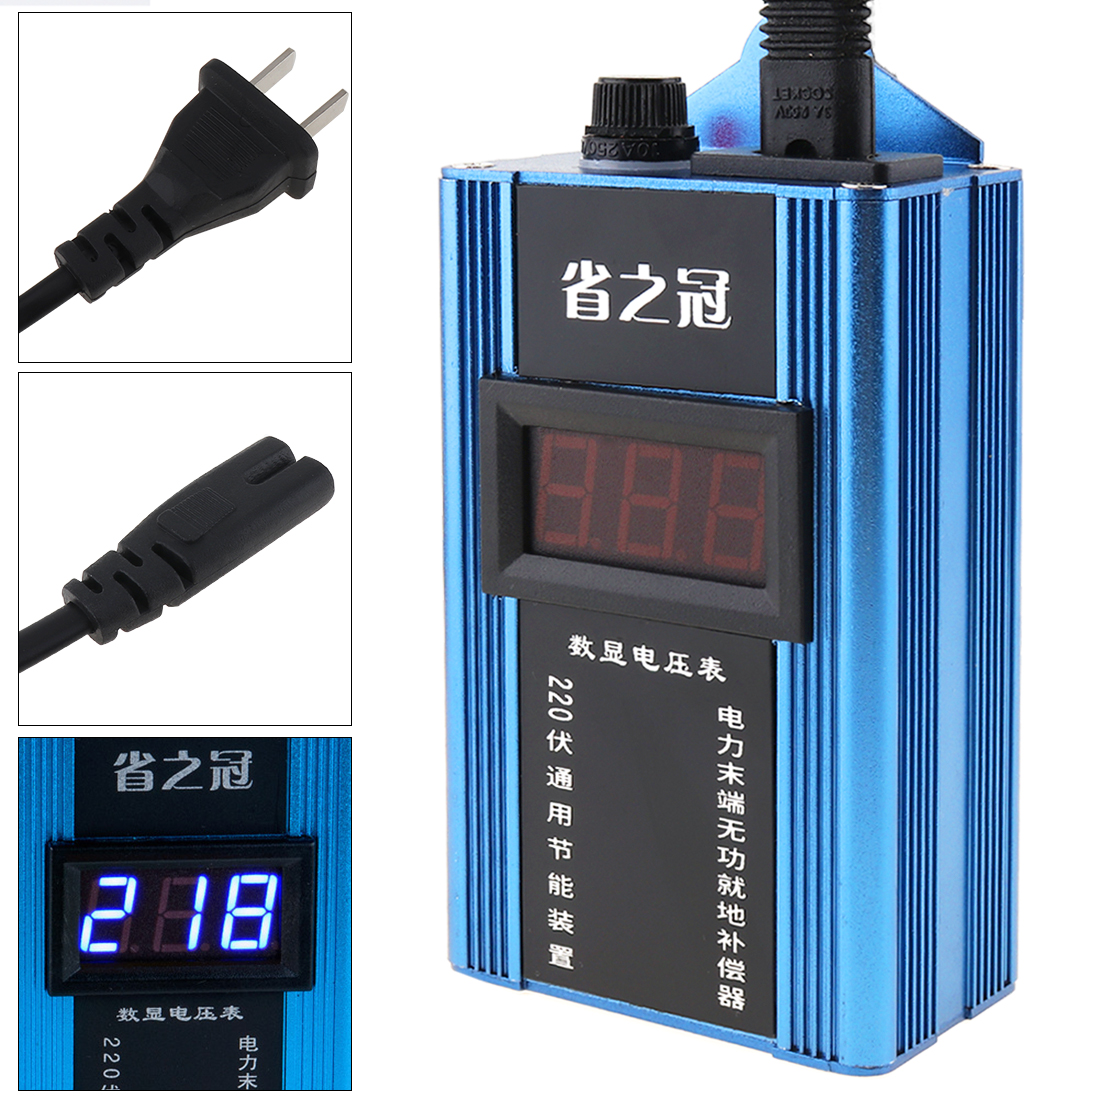 25KW/80KW/100KW économiseur d'énergie intelligent économiseur d'énergie ménage compteur d'économie d'électricité boîte écran affichage ue/royaume-uni prise pour famille/usine